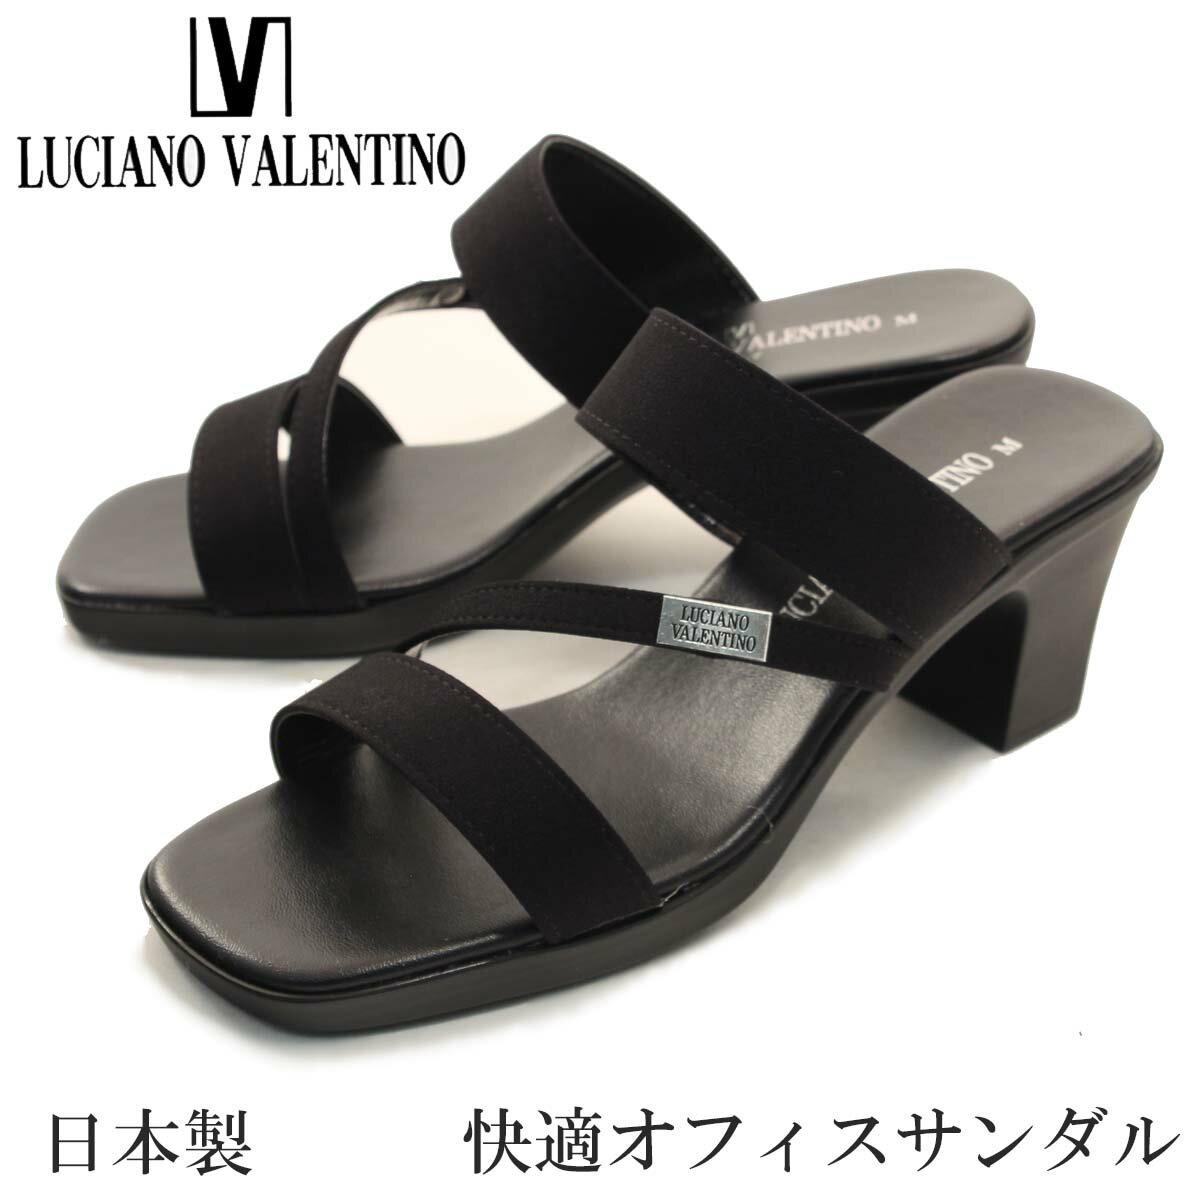 【LUCIANO VALENTINO ルチアーノバレンチノ】【サンダル】 オフィスサンダル im3970